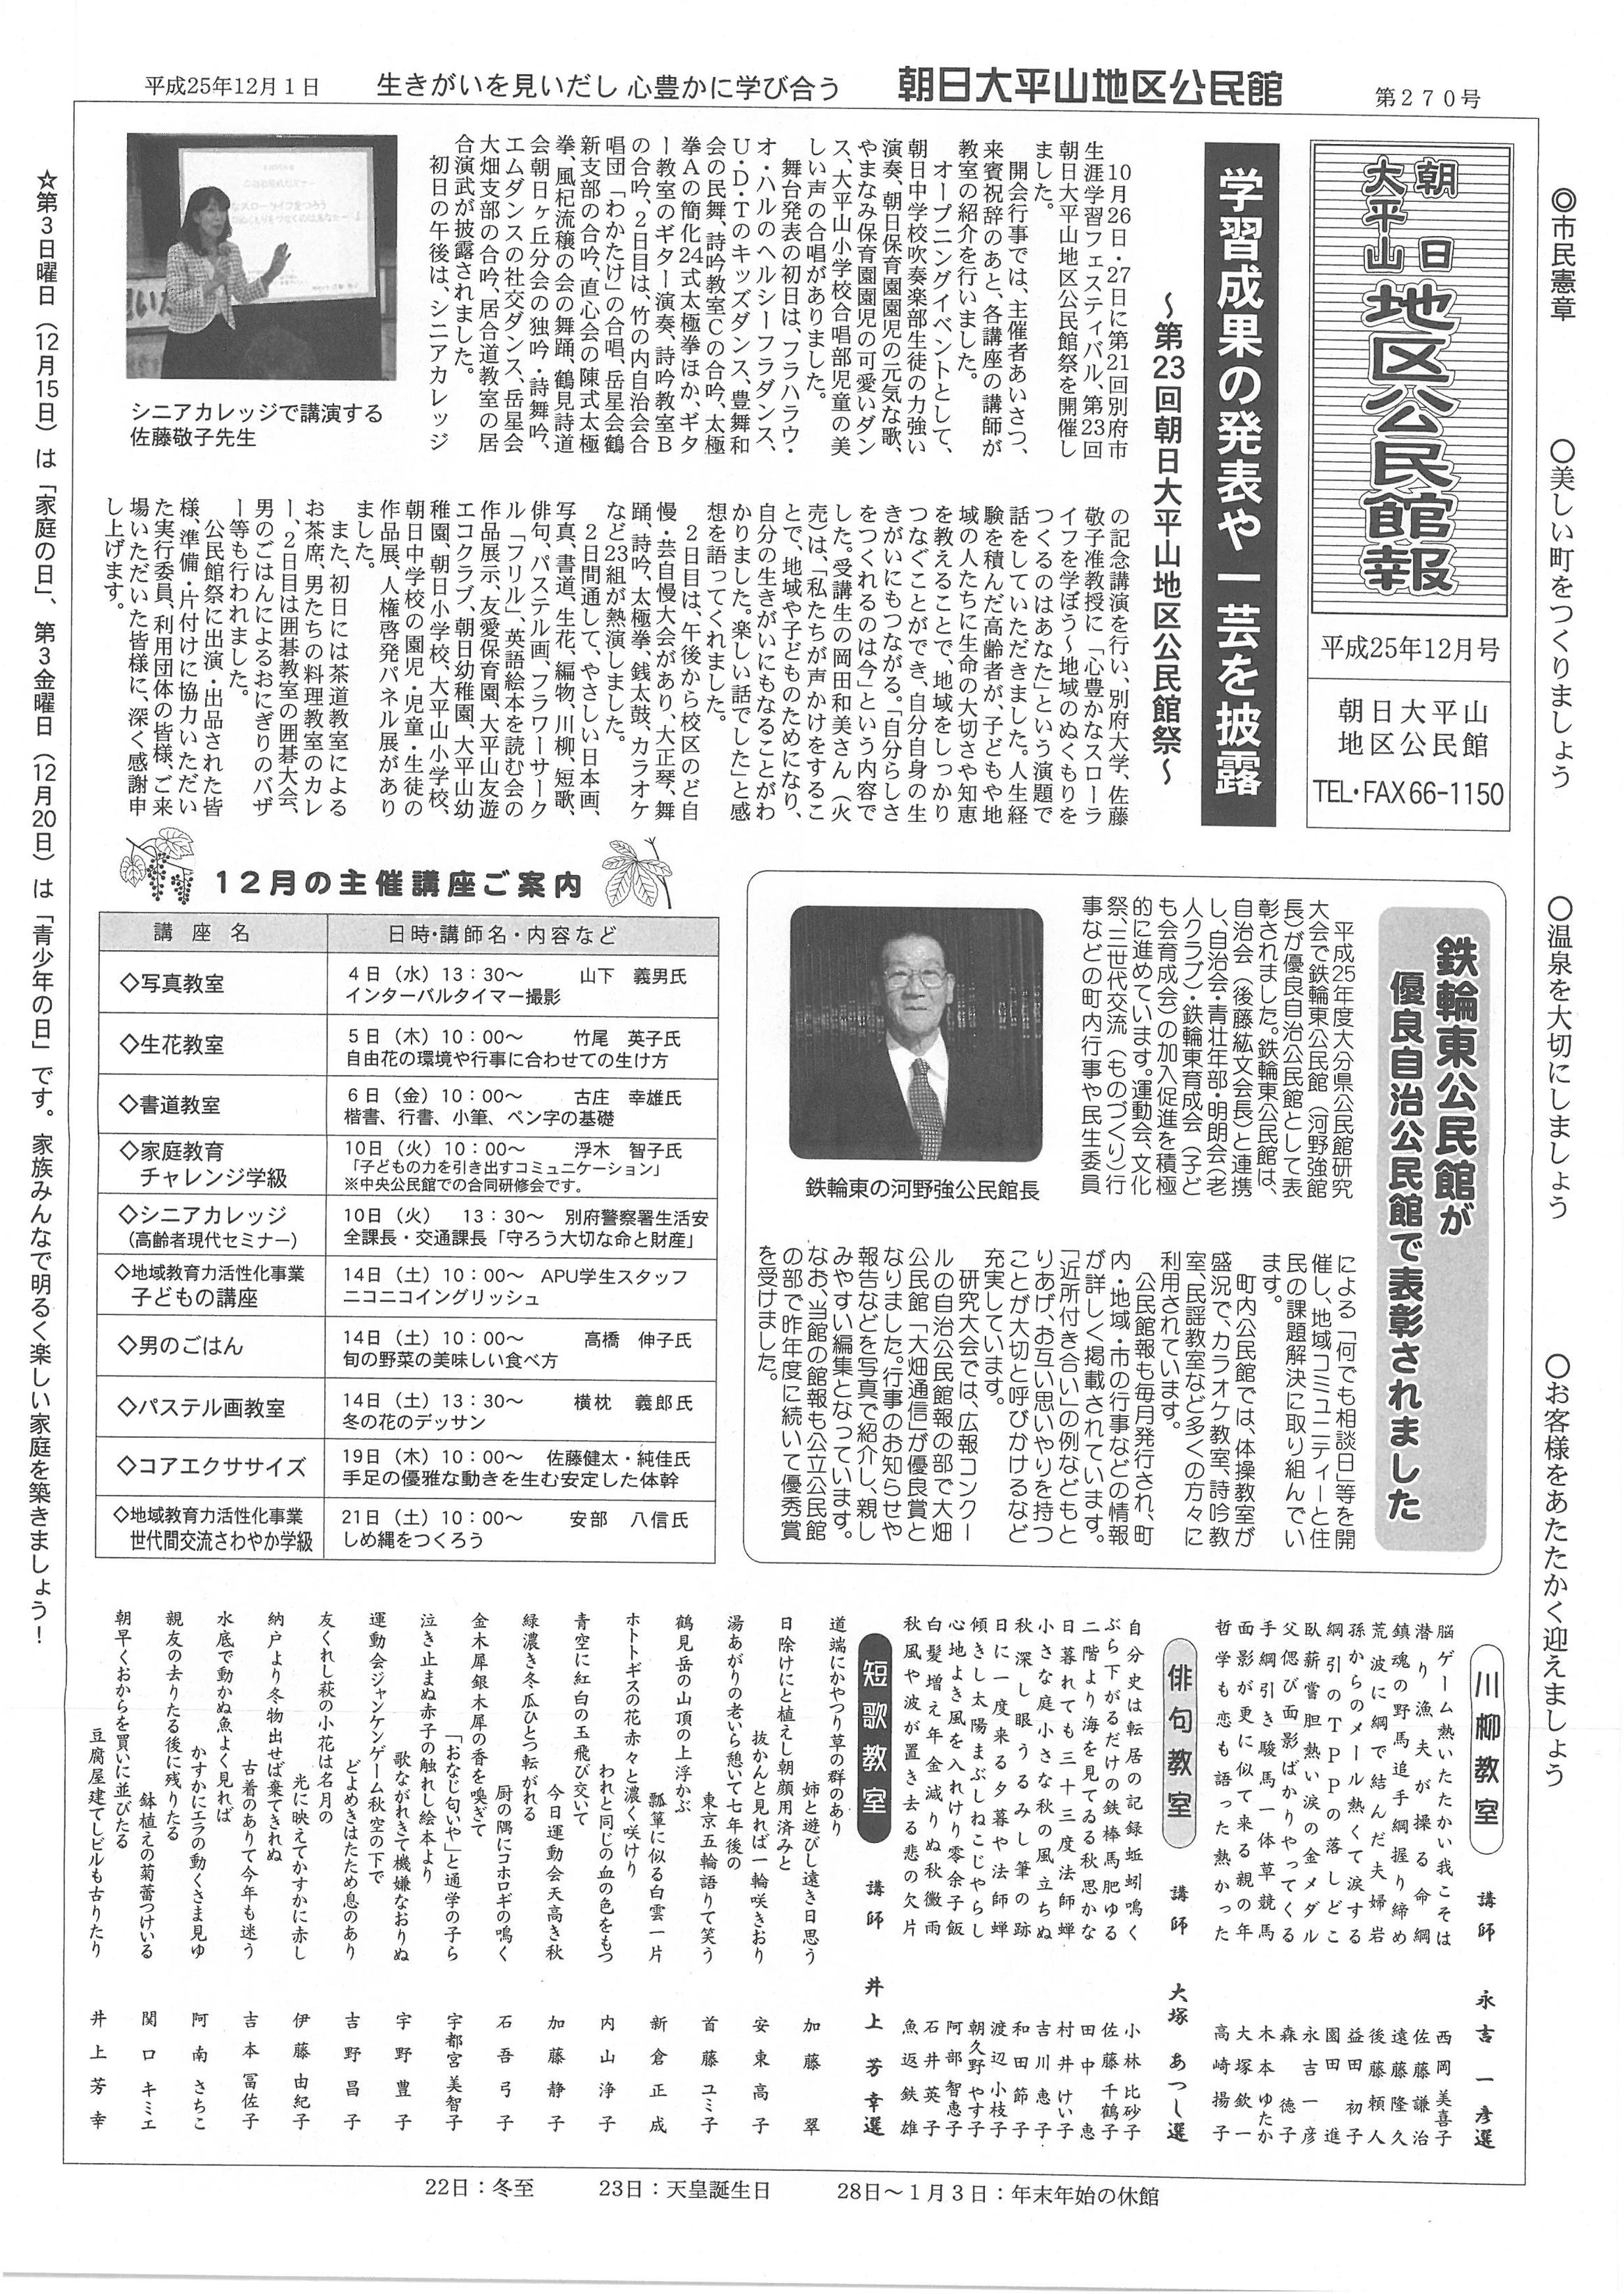 asahiohirayama2013_12_01